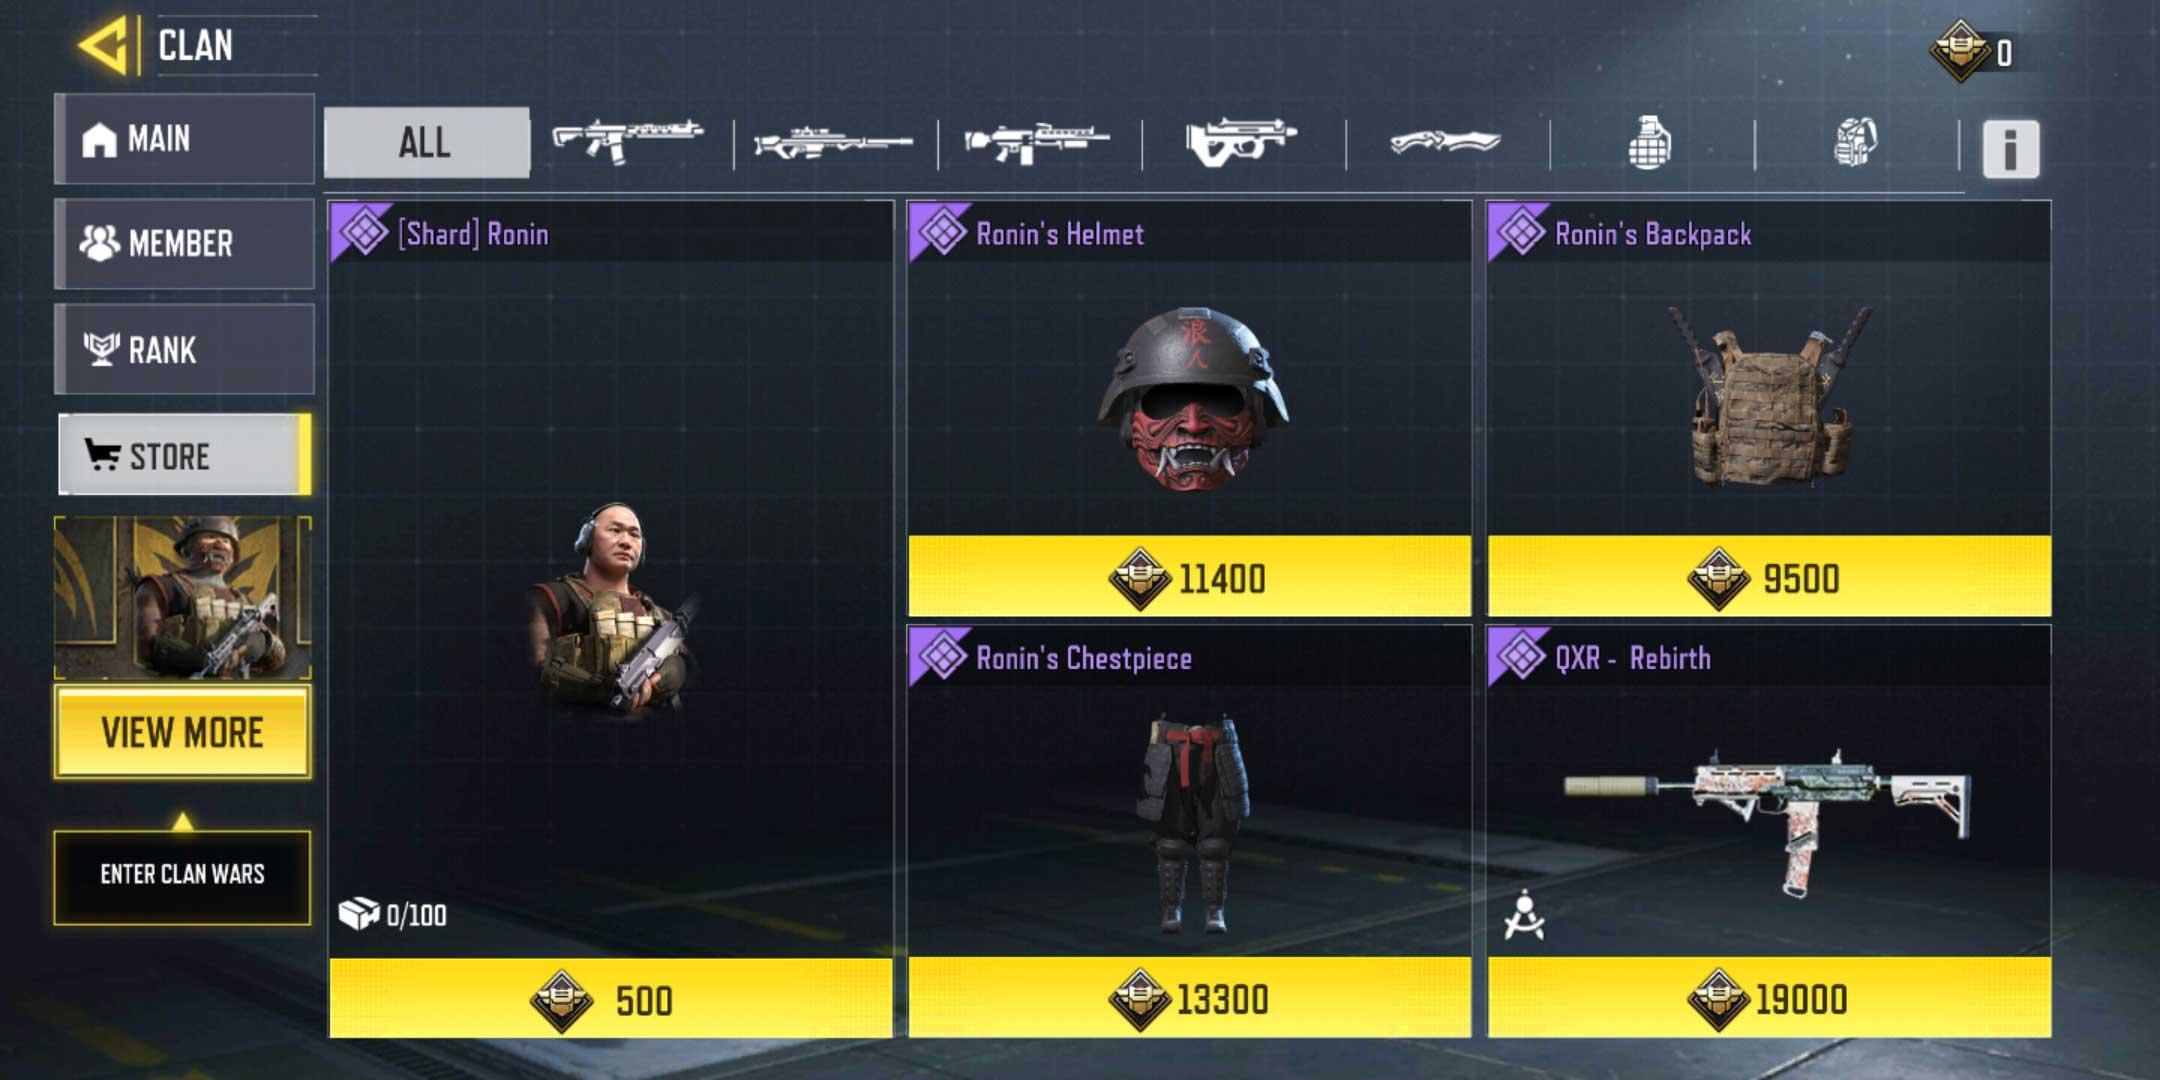 لعبة Call of Duty: Mobile حروب العشائر – كل ما تحتاج لمعرفته حول وضع اللعبة الجديد هذا